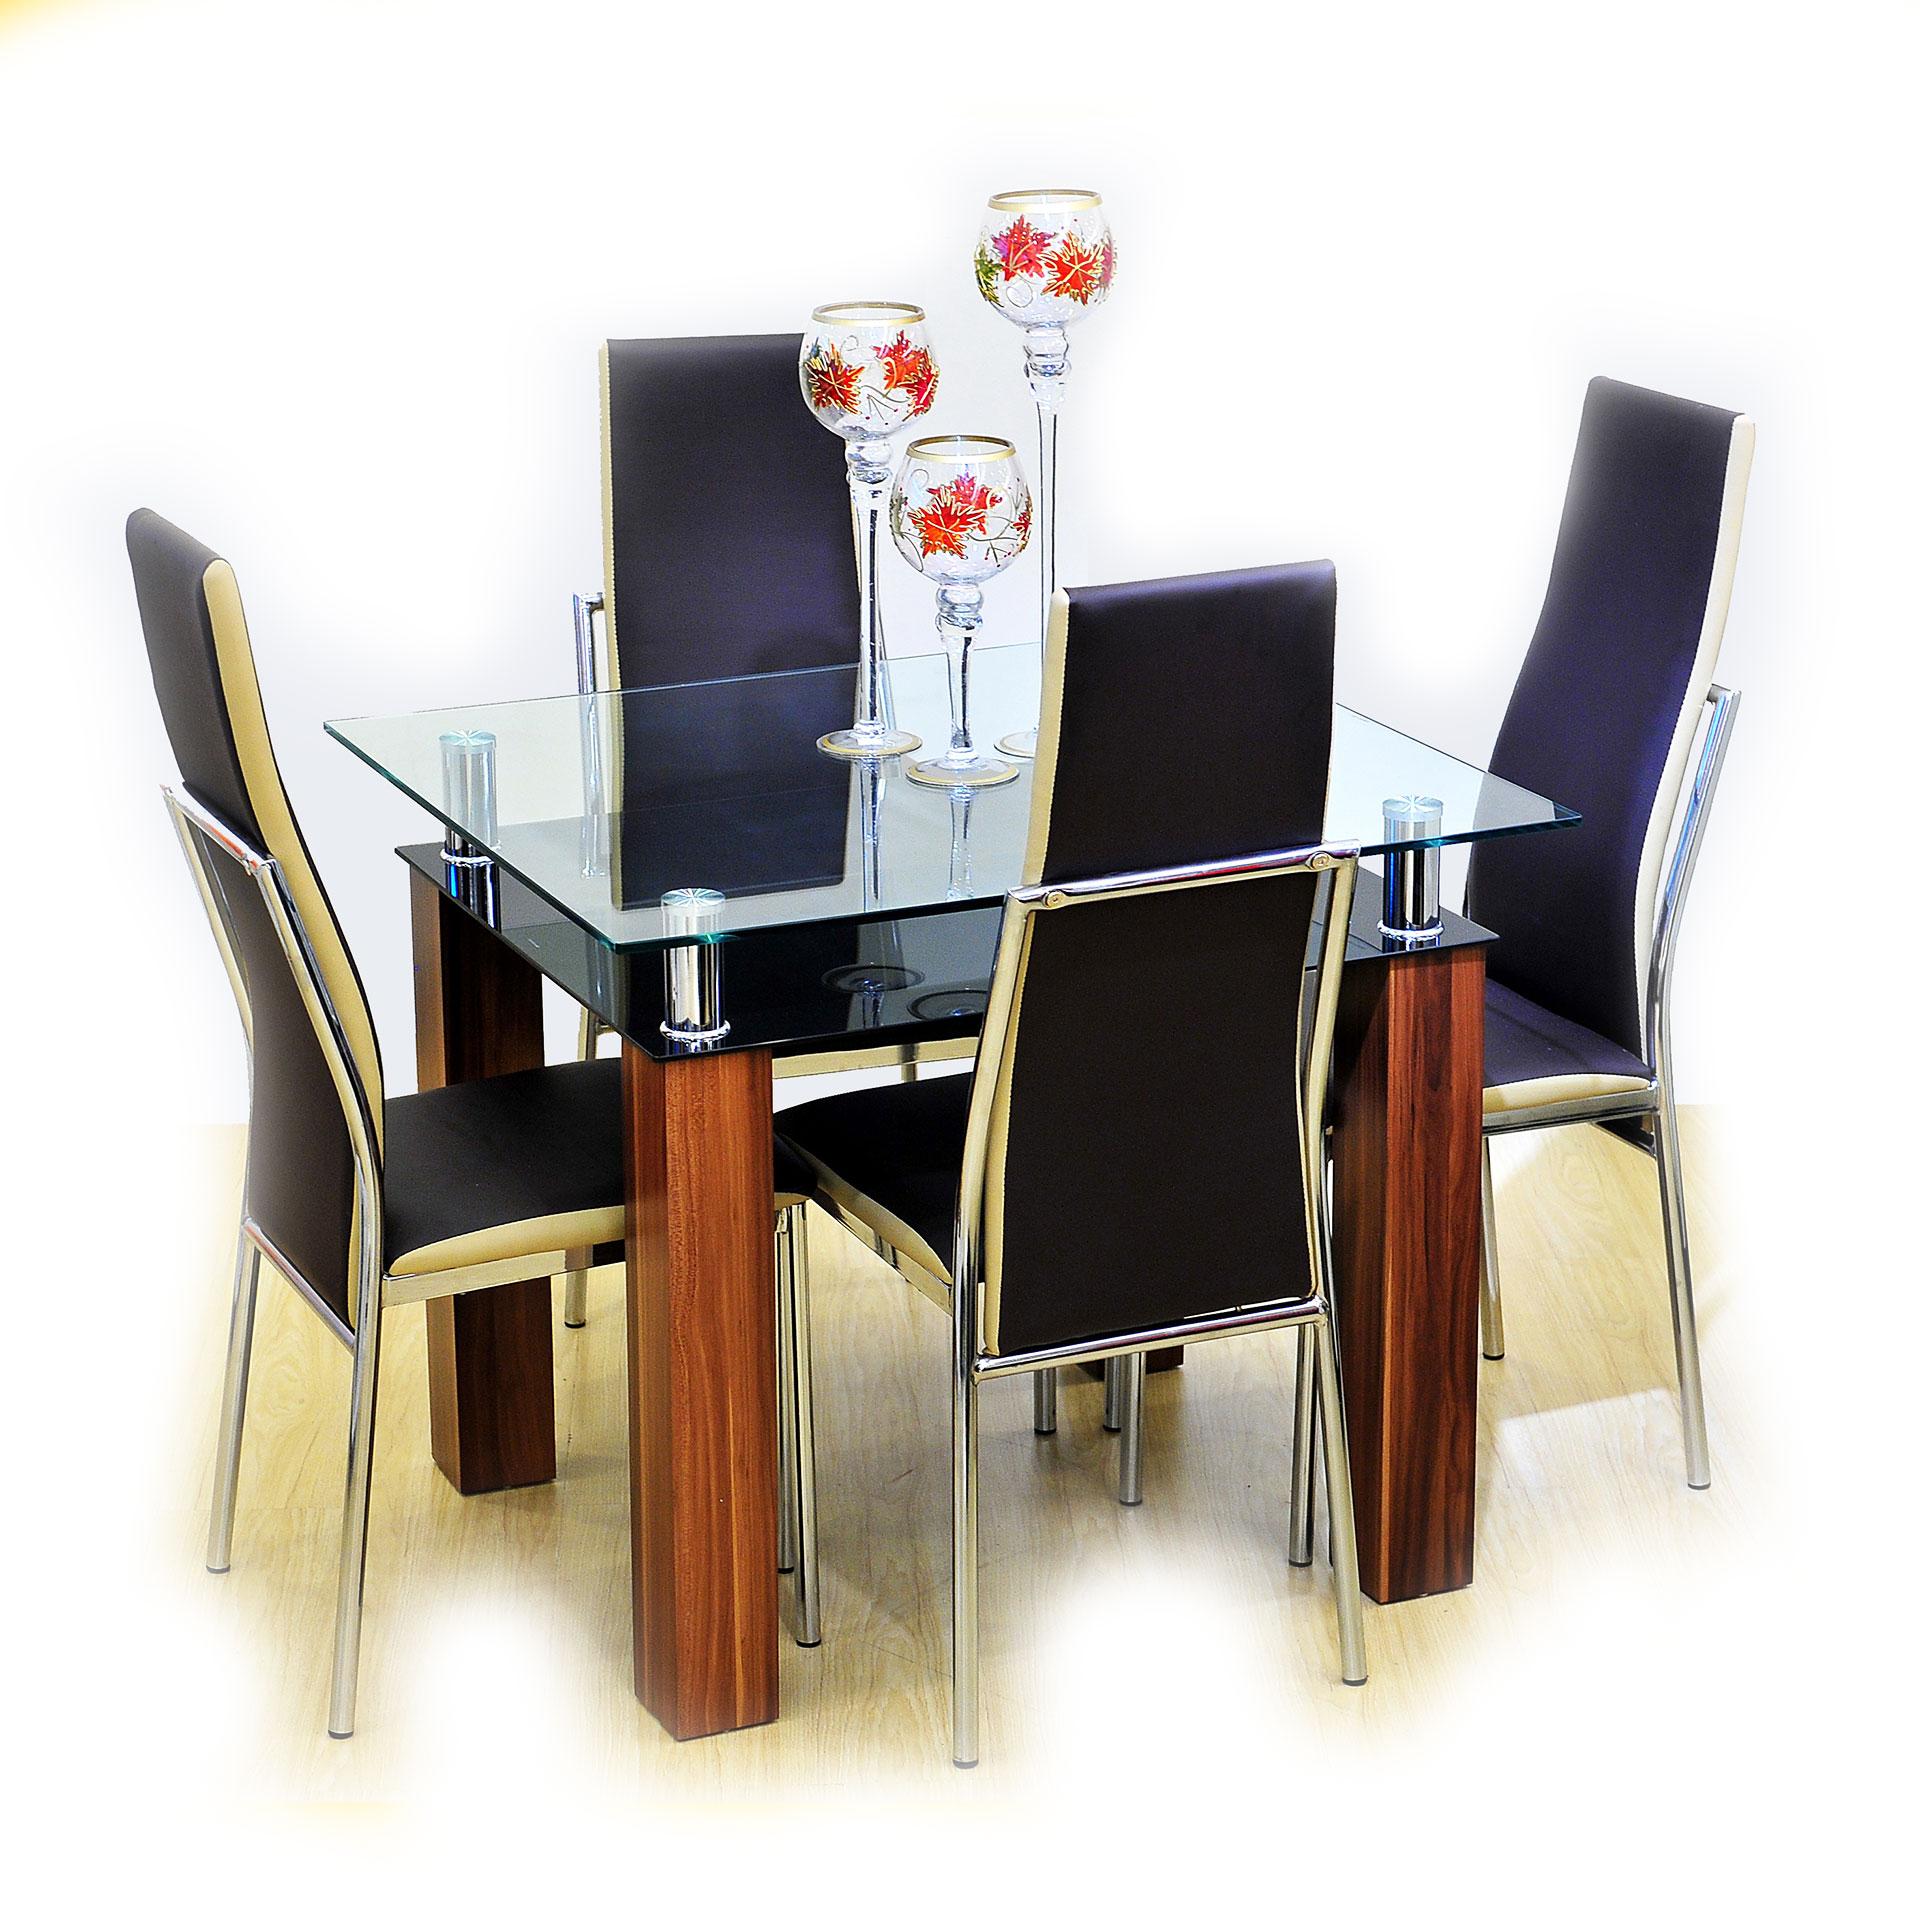 Darrel Dining Set Furniture Store Manila Philippines  : TL RDT 117B TL YH005 from www.urbanconcepts.ph size 1920 x 1920 jpeg 445kB